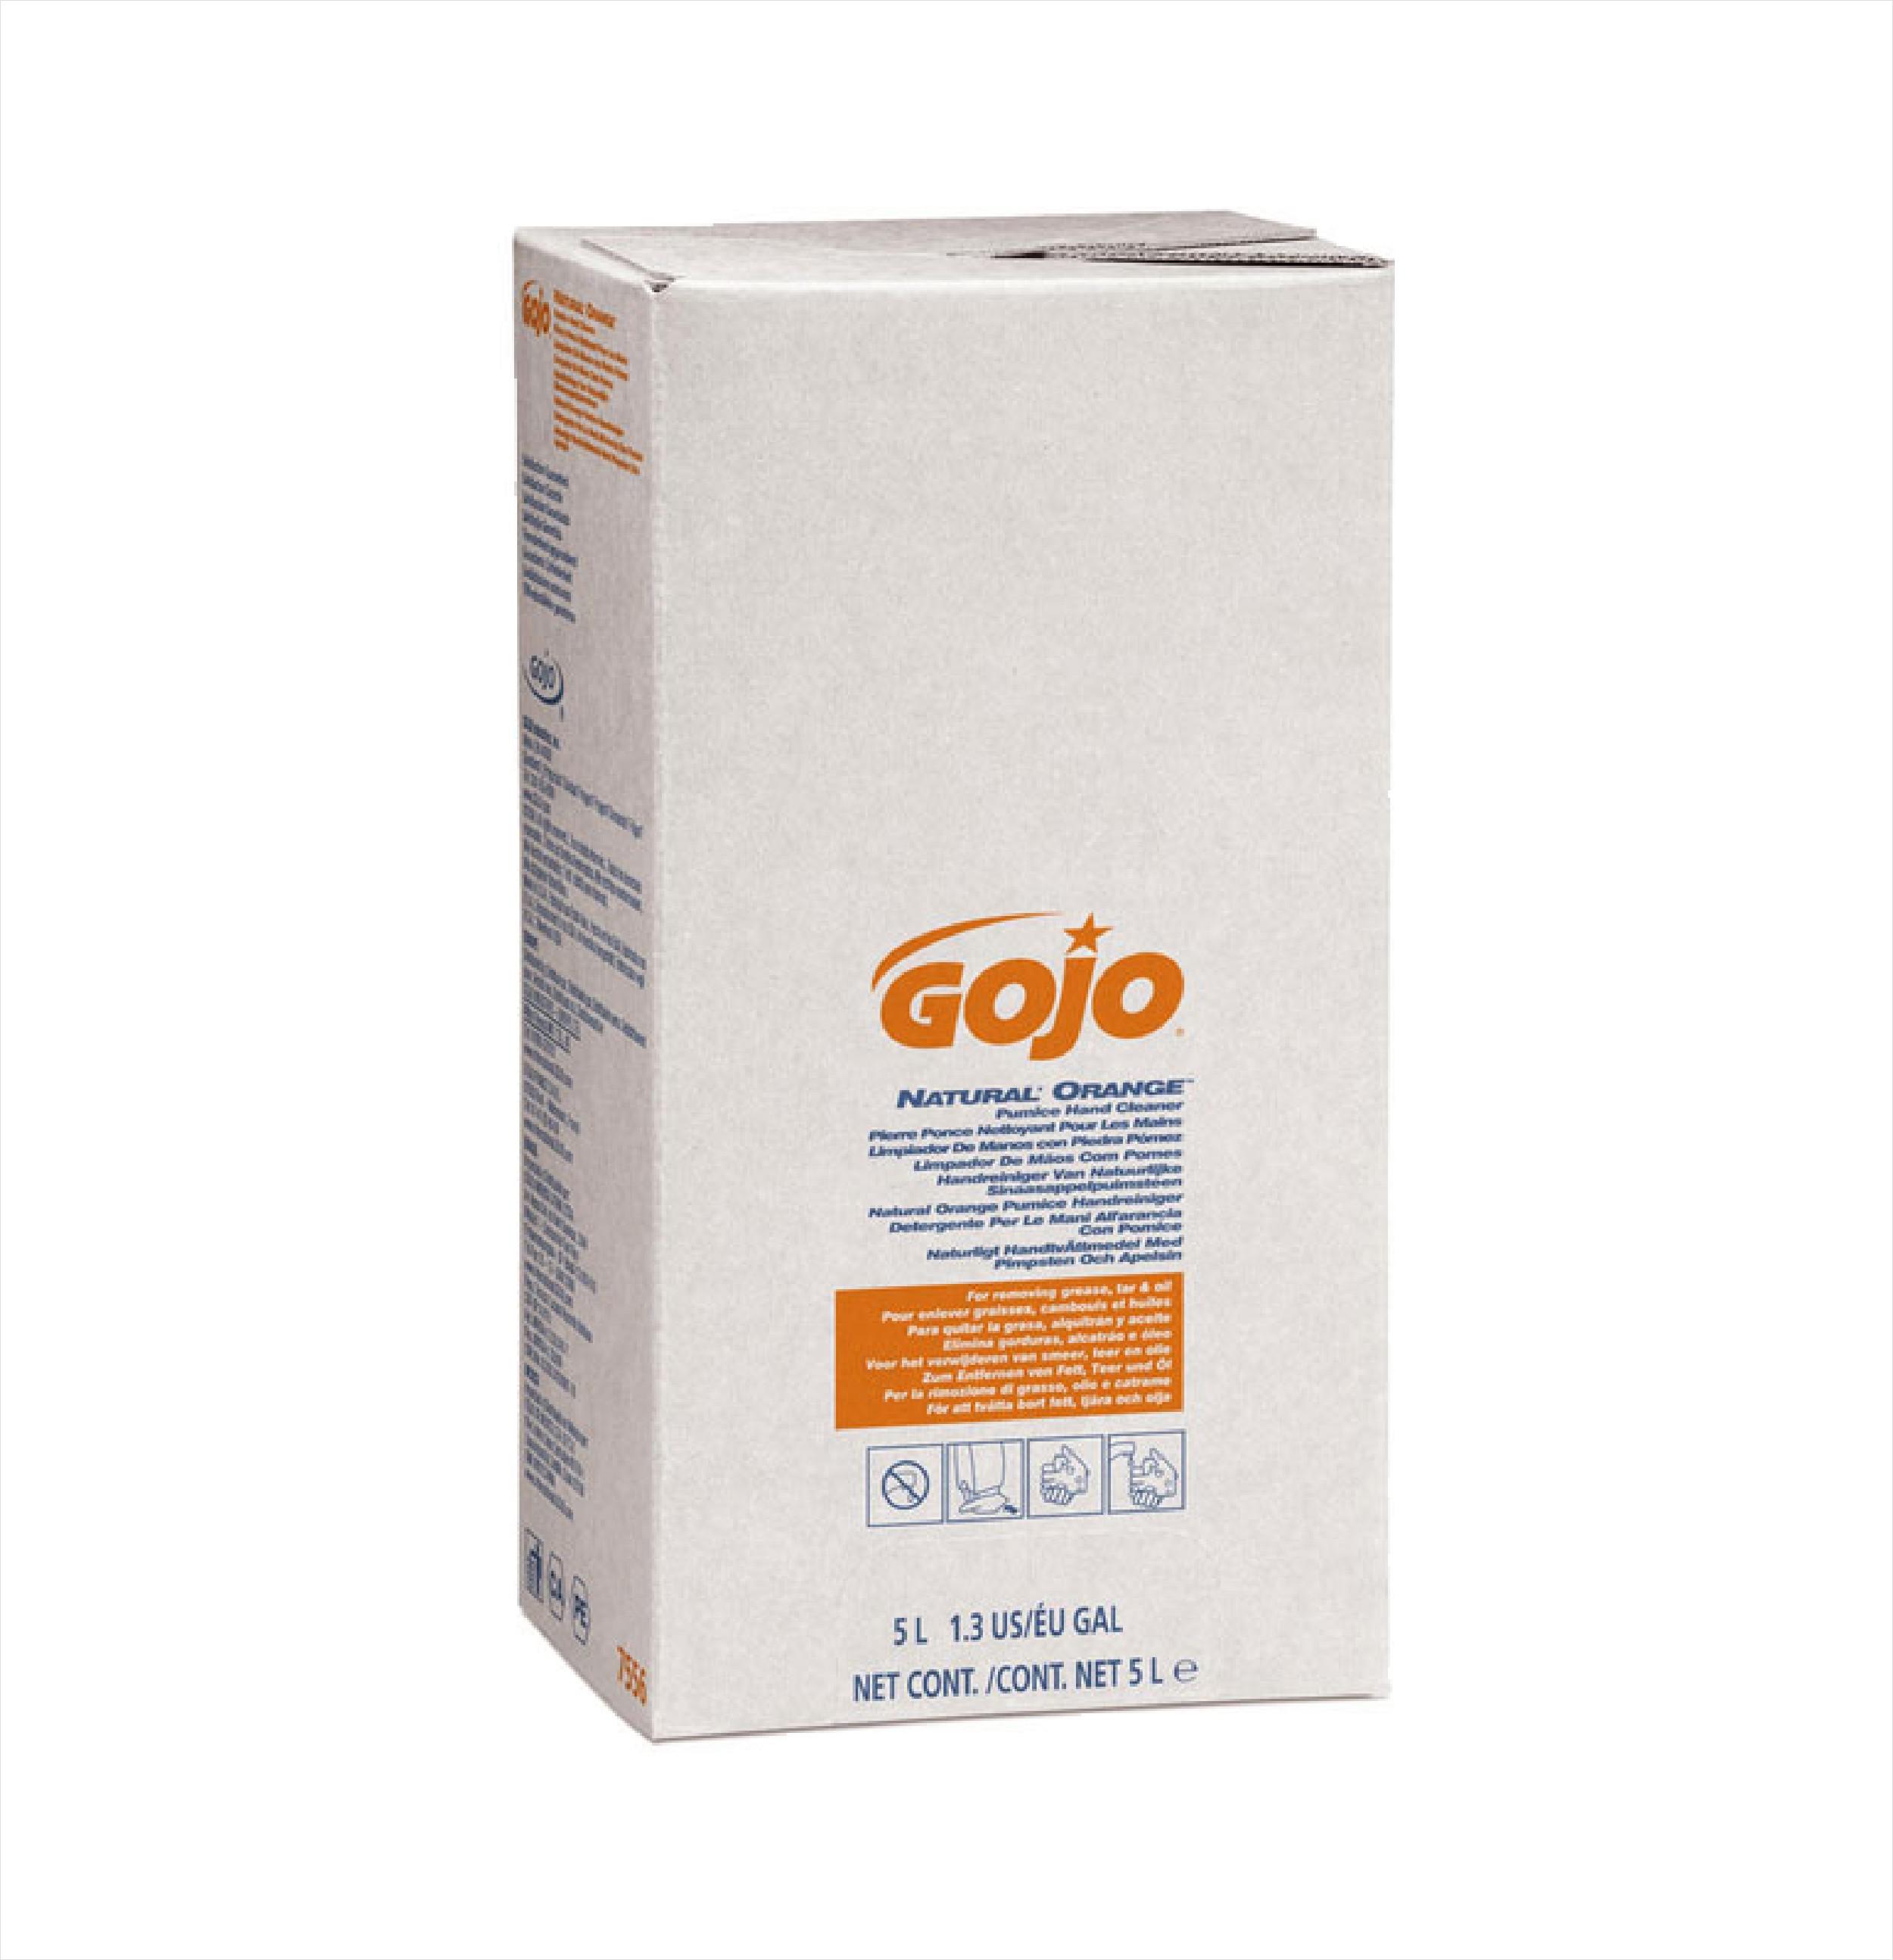 GOJO Orange Pumice 2 x 5ltr GJ7556-02